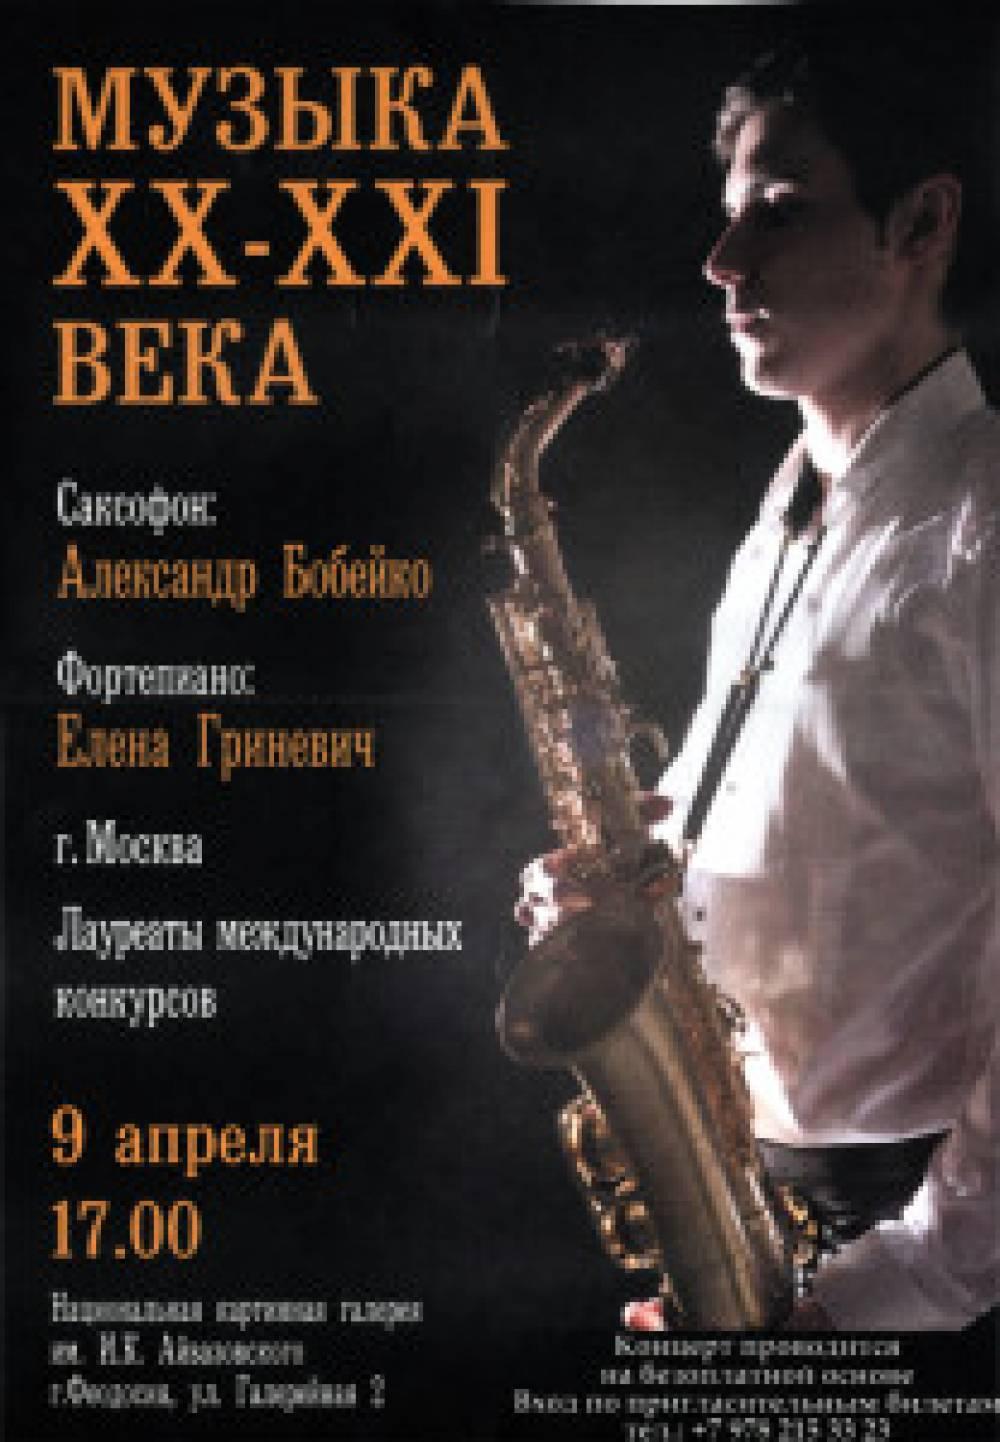 В Феодосии московские виртуозы саксофона и фортепиано исполнят «музыку XX-XXI века»